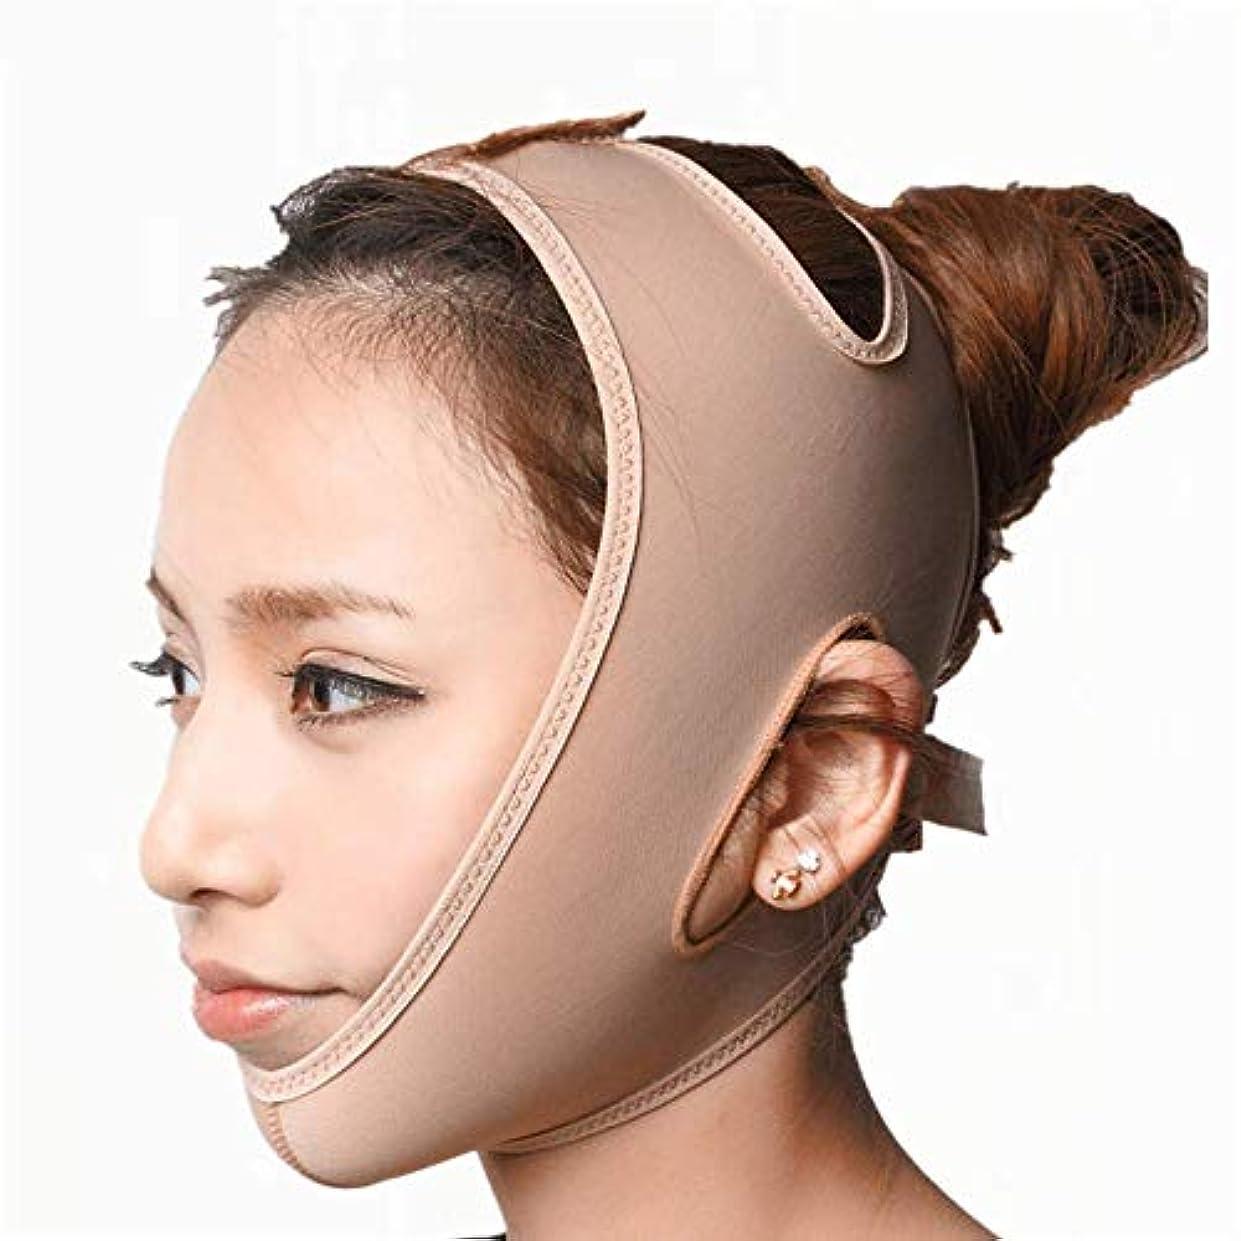 木法的抑圧する薄い顔ベルト薄い顔アーティファクトVフェイス包帯マスクフェイシャルマッサージシンダブルチンデバイス